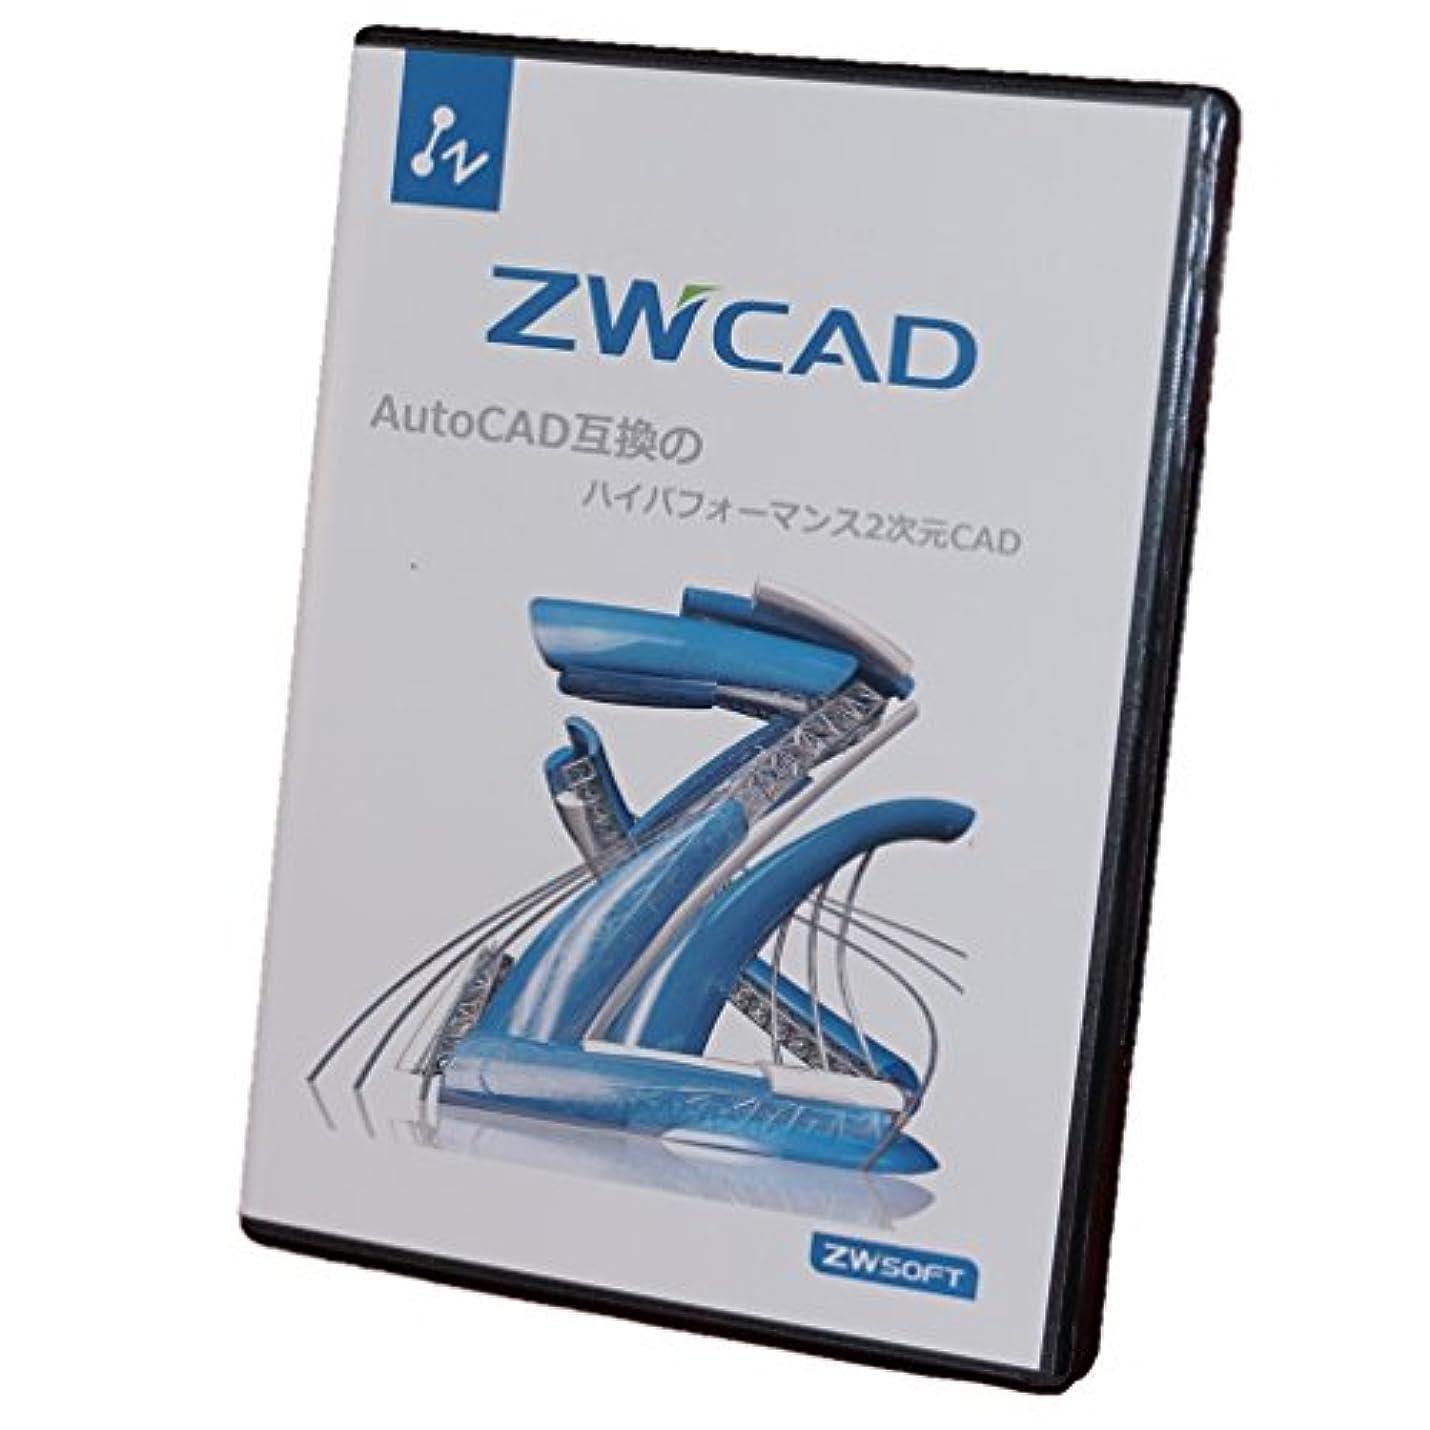 征服する破壊上がるZWCAD Std 2D CAD ソフト DWG/DXF 図面作成ソフト クラシックメニュー リボンメニュー対応